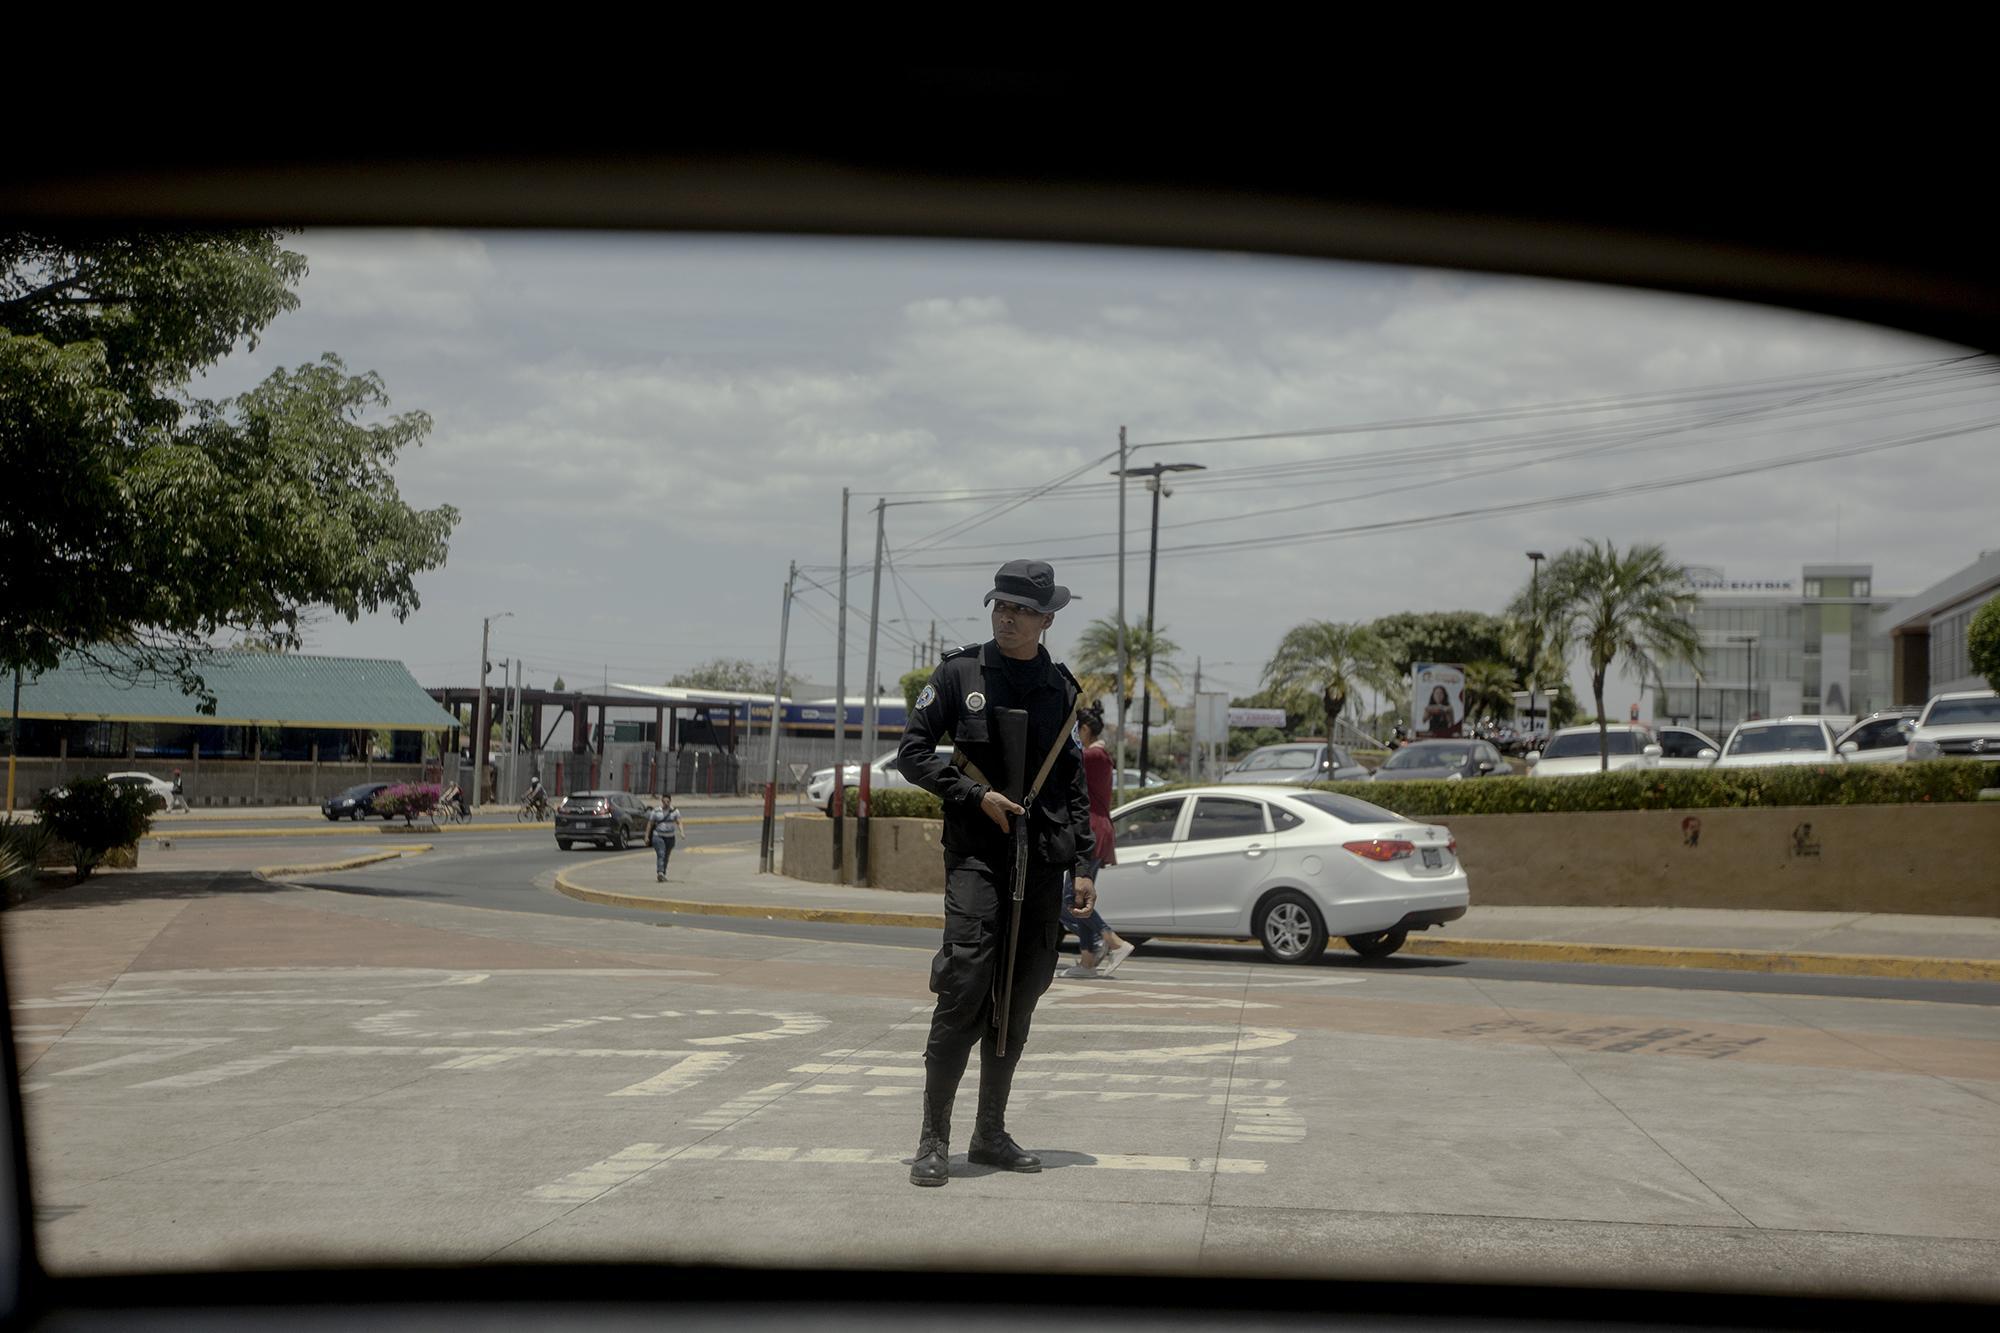 Un policía en los alrededores del monumento al boxeador Alexis Argüello, en la ciudad de Managüa. El 17 abril, el gobierno nicaragüense desplegó un fuerte dispositivo policial para evitar que se realizaran protestas conmemorativas al primer aniversario de la crisis que ha dejado ya un saldo de 400 muertos. En diciembre pasado, la CIDH determinó que la policía había reprimido a la población con armas de guerra.